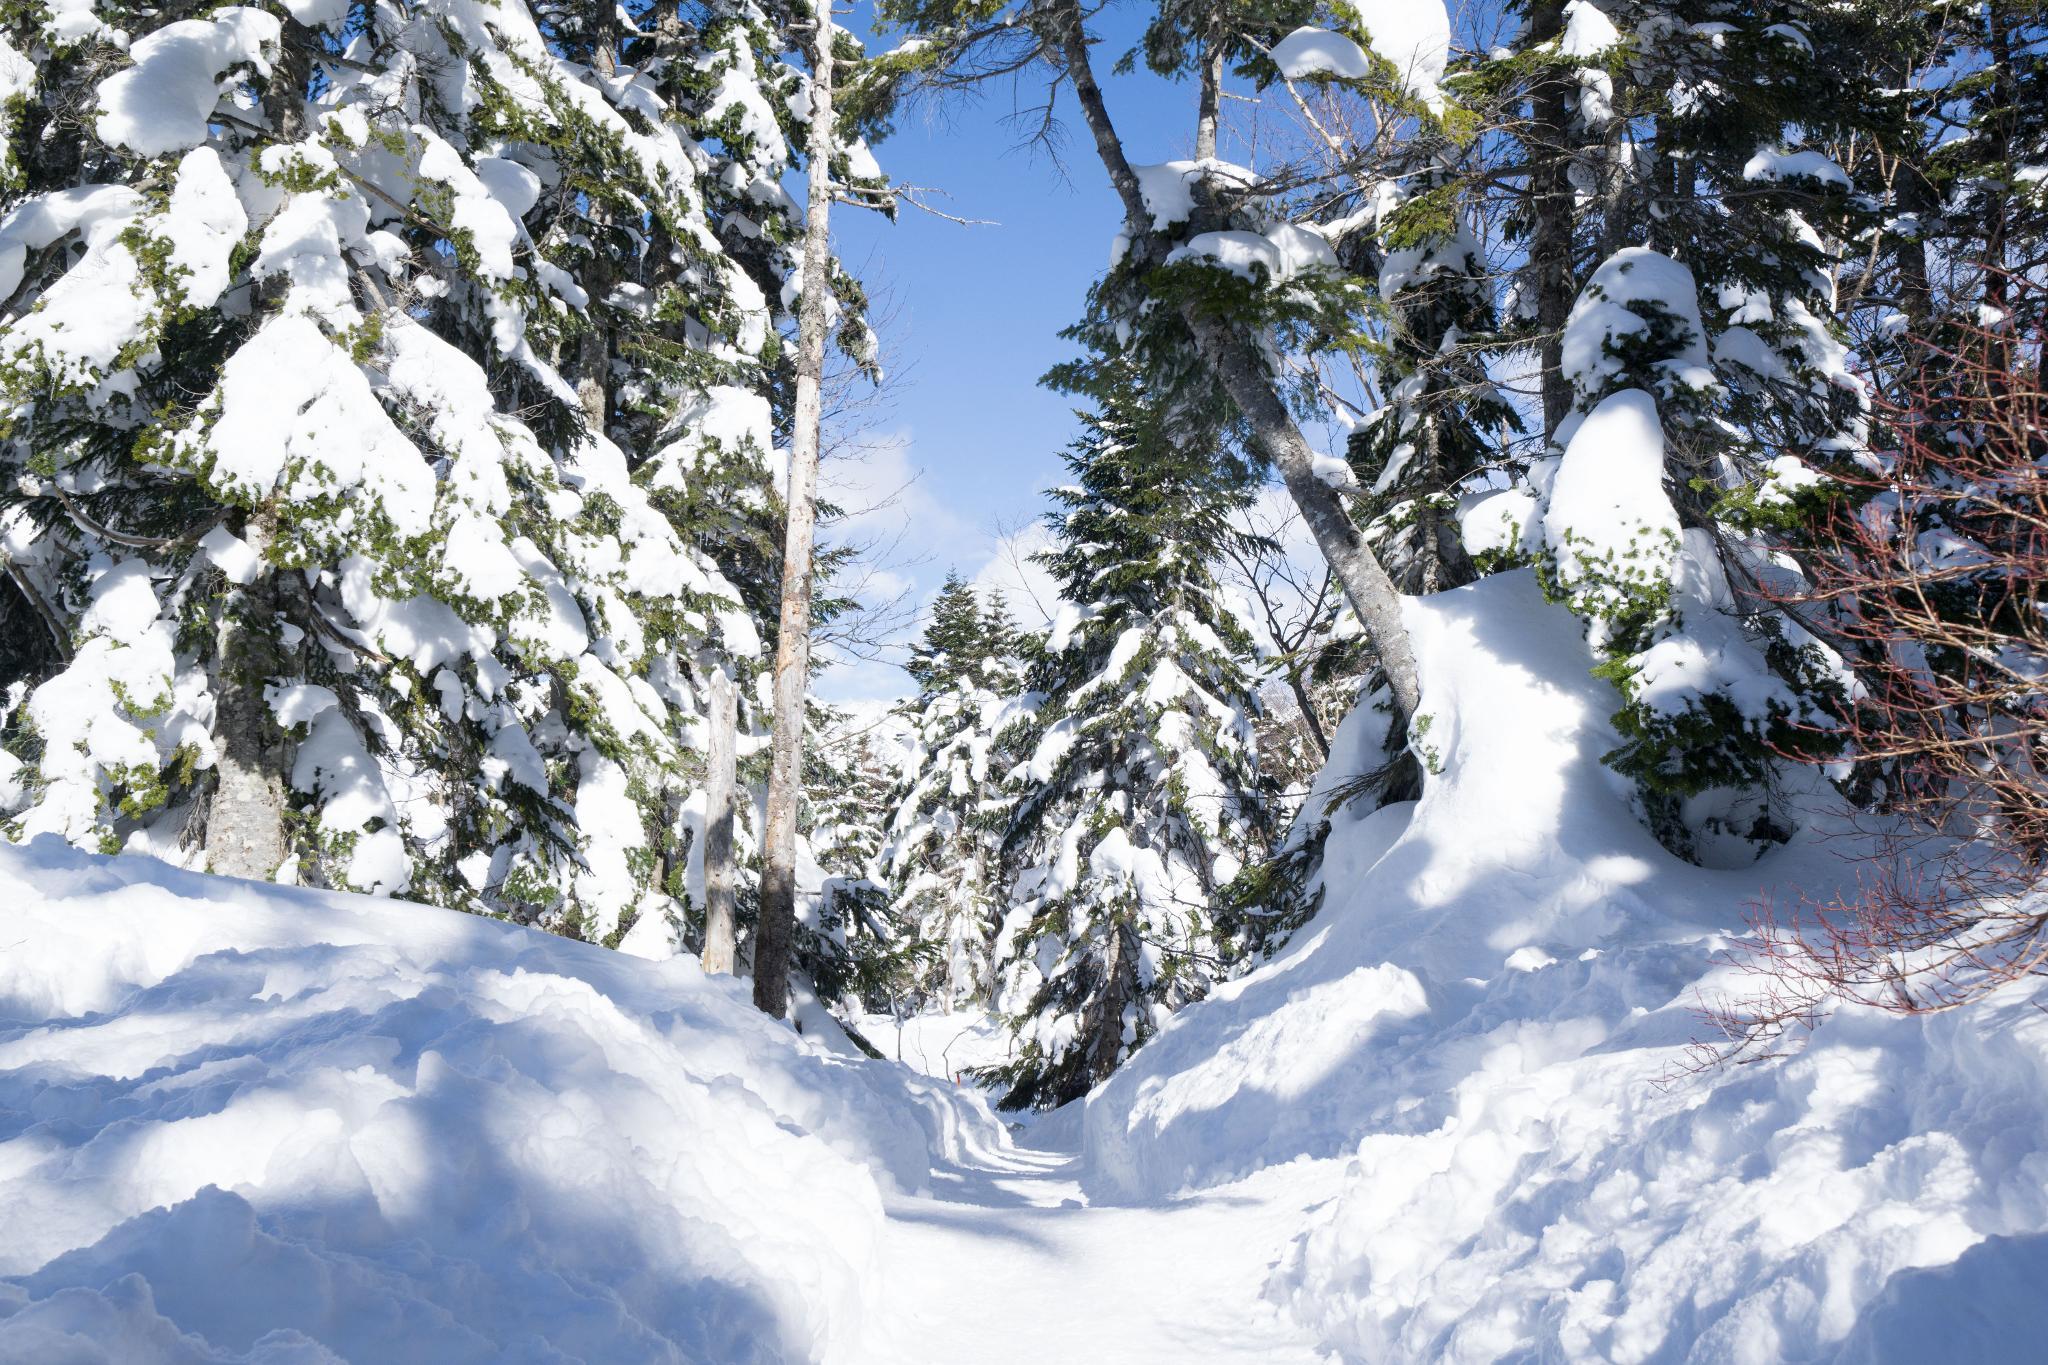 【岐阜】超級推薦!奧飛驒溫泉鄉的冬季戀歌 ~ 新穗高纜車雪景攻略 112